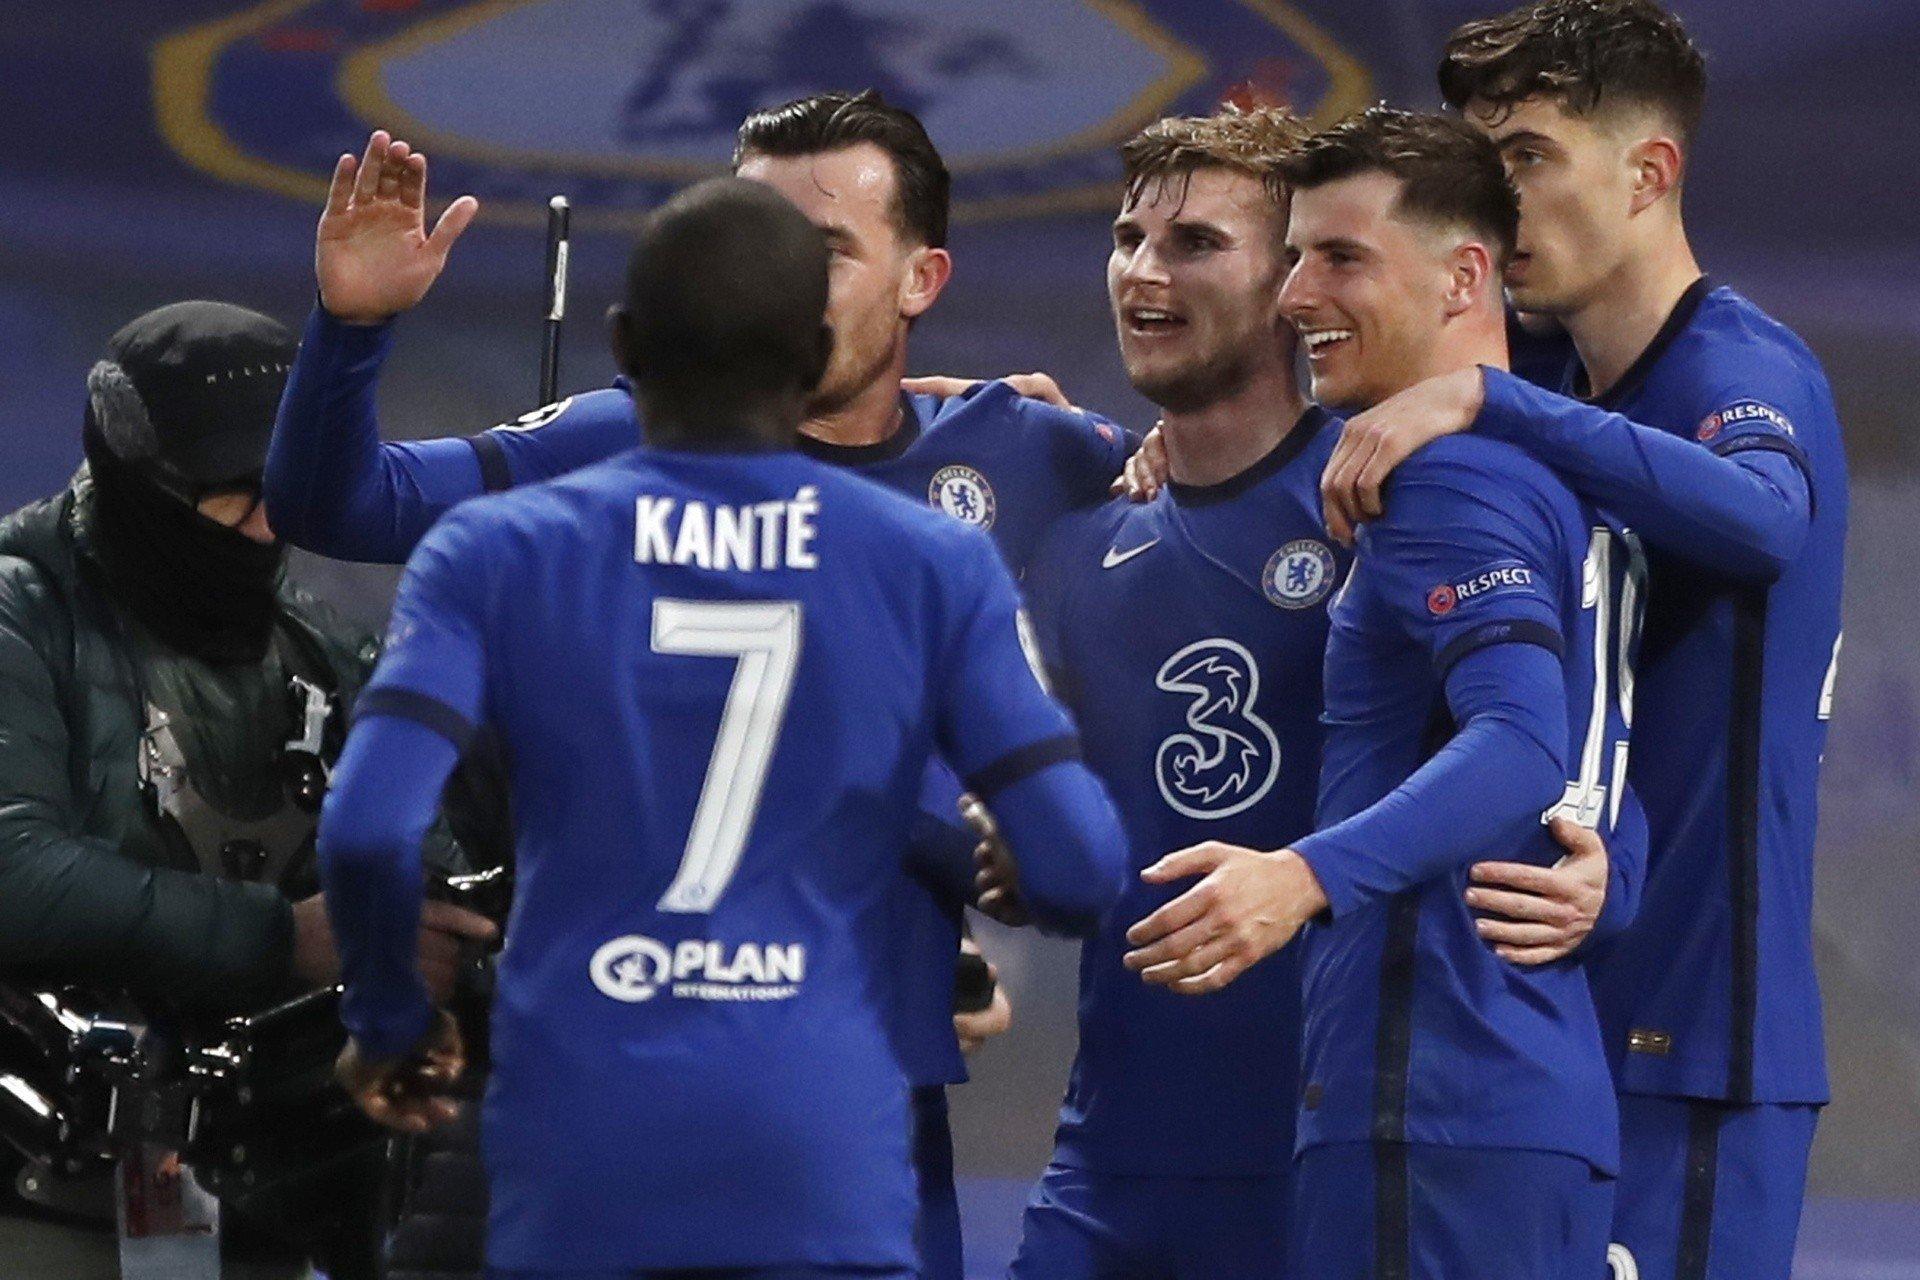 Liga Mistrzów. Mamy angielski finał! Chelsea pokonała Real | Gol24